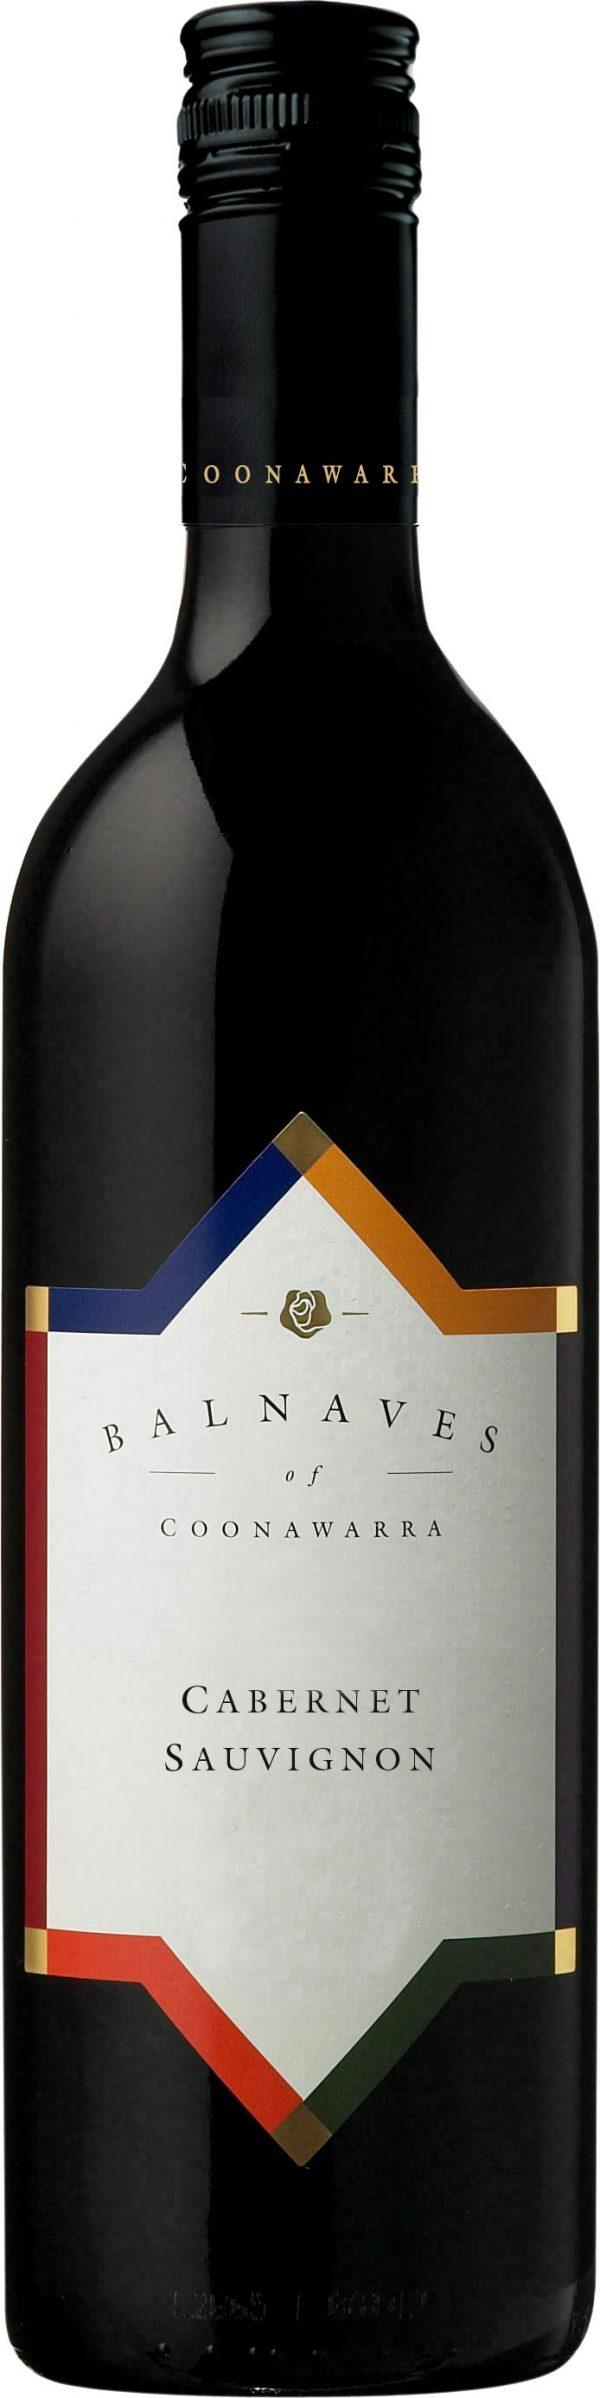 Balnaves - Coonawarra Cabernet Sauvignon 2012 75cl Bottle